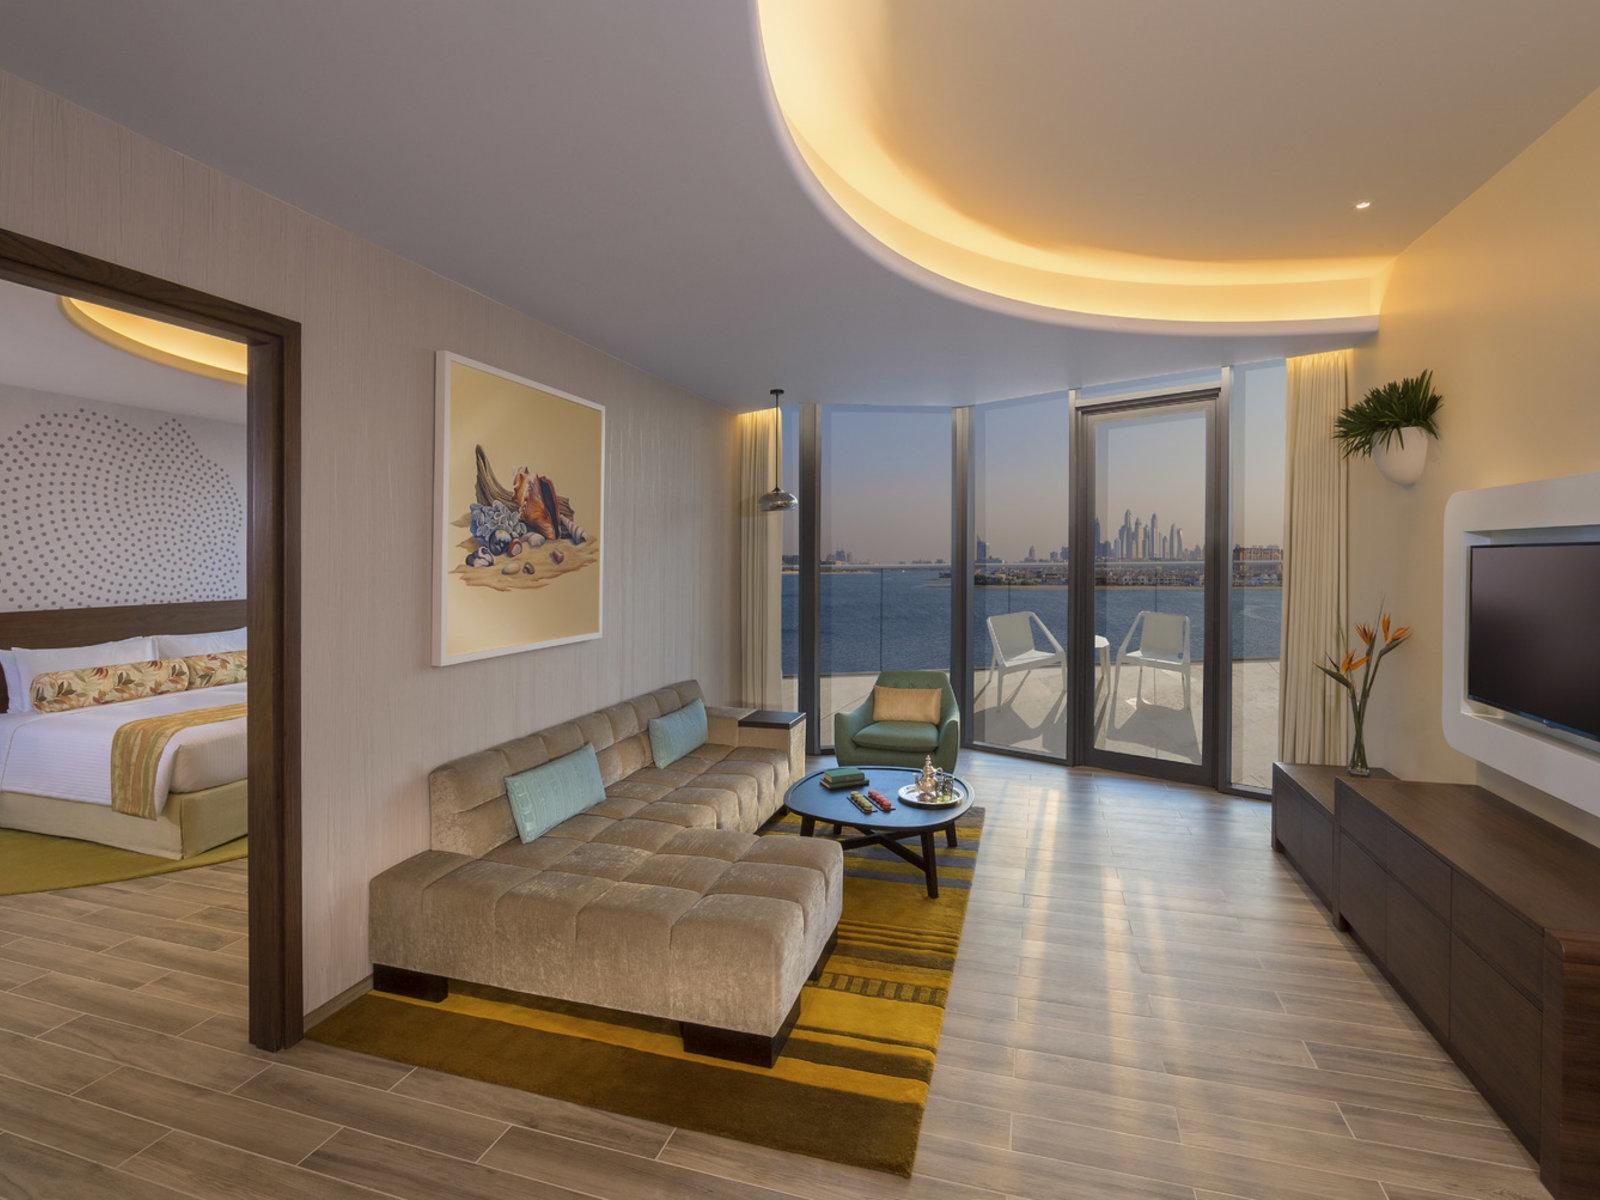 Wohnbeispiel One Bedroom Suite Palm View